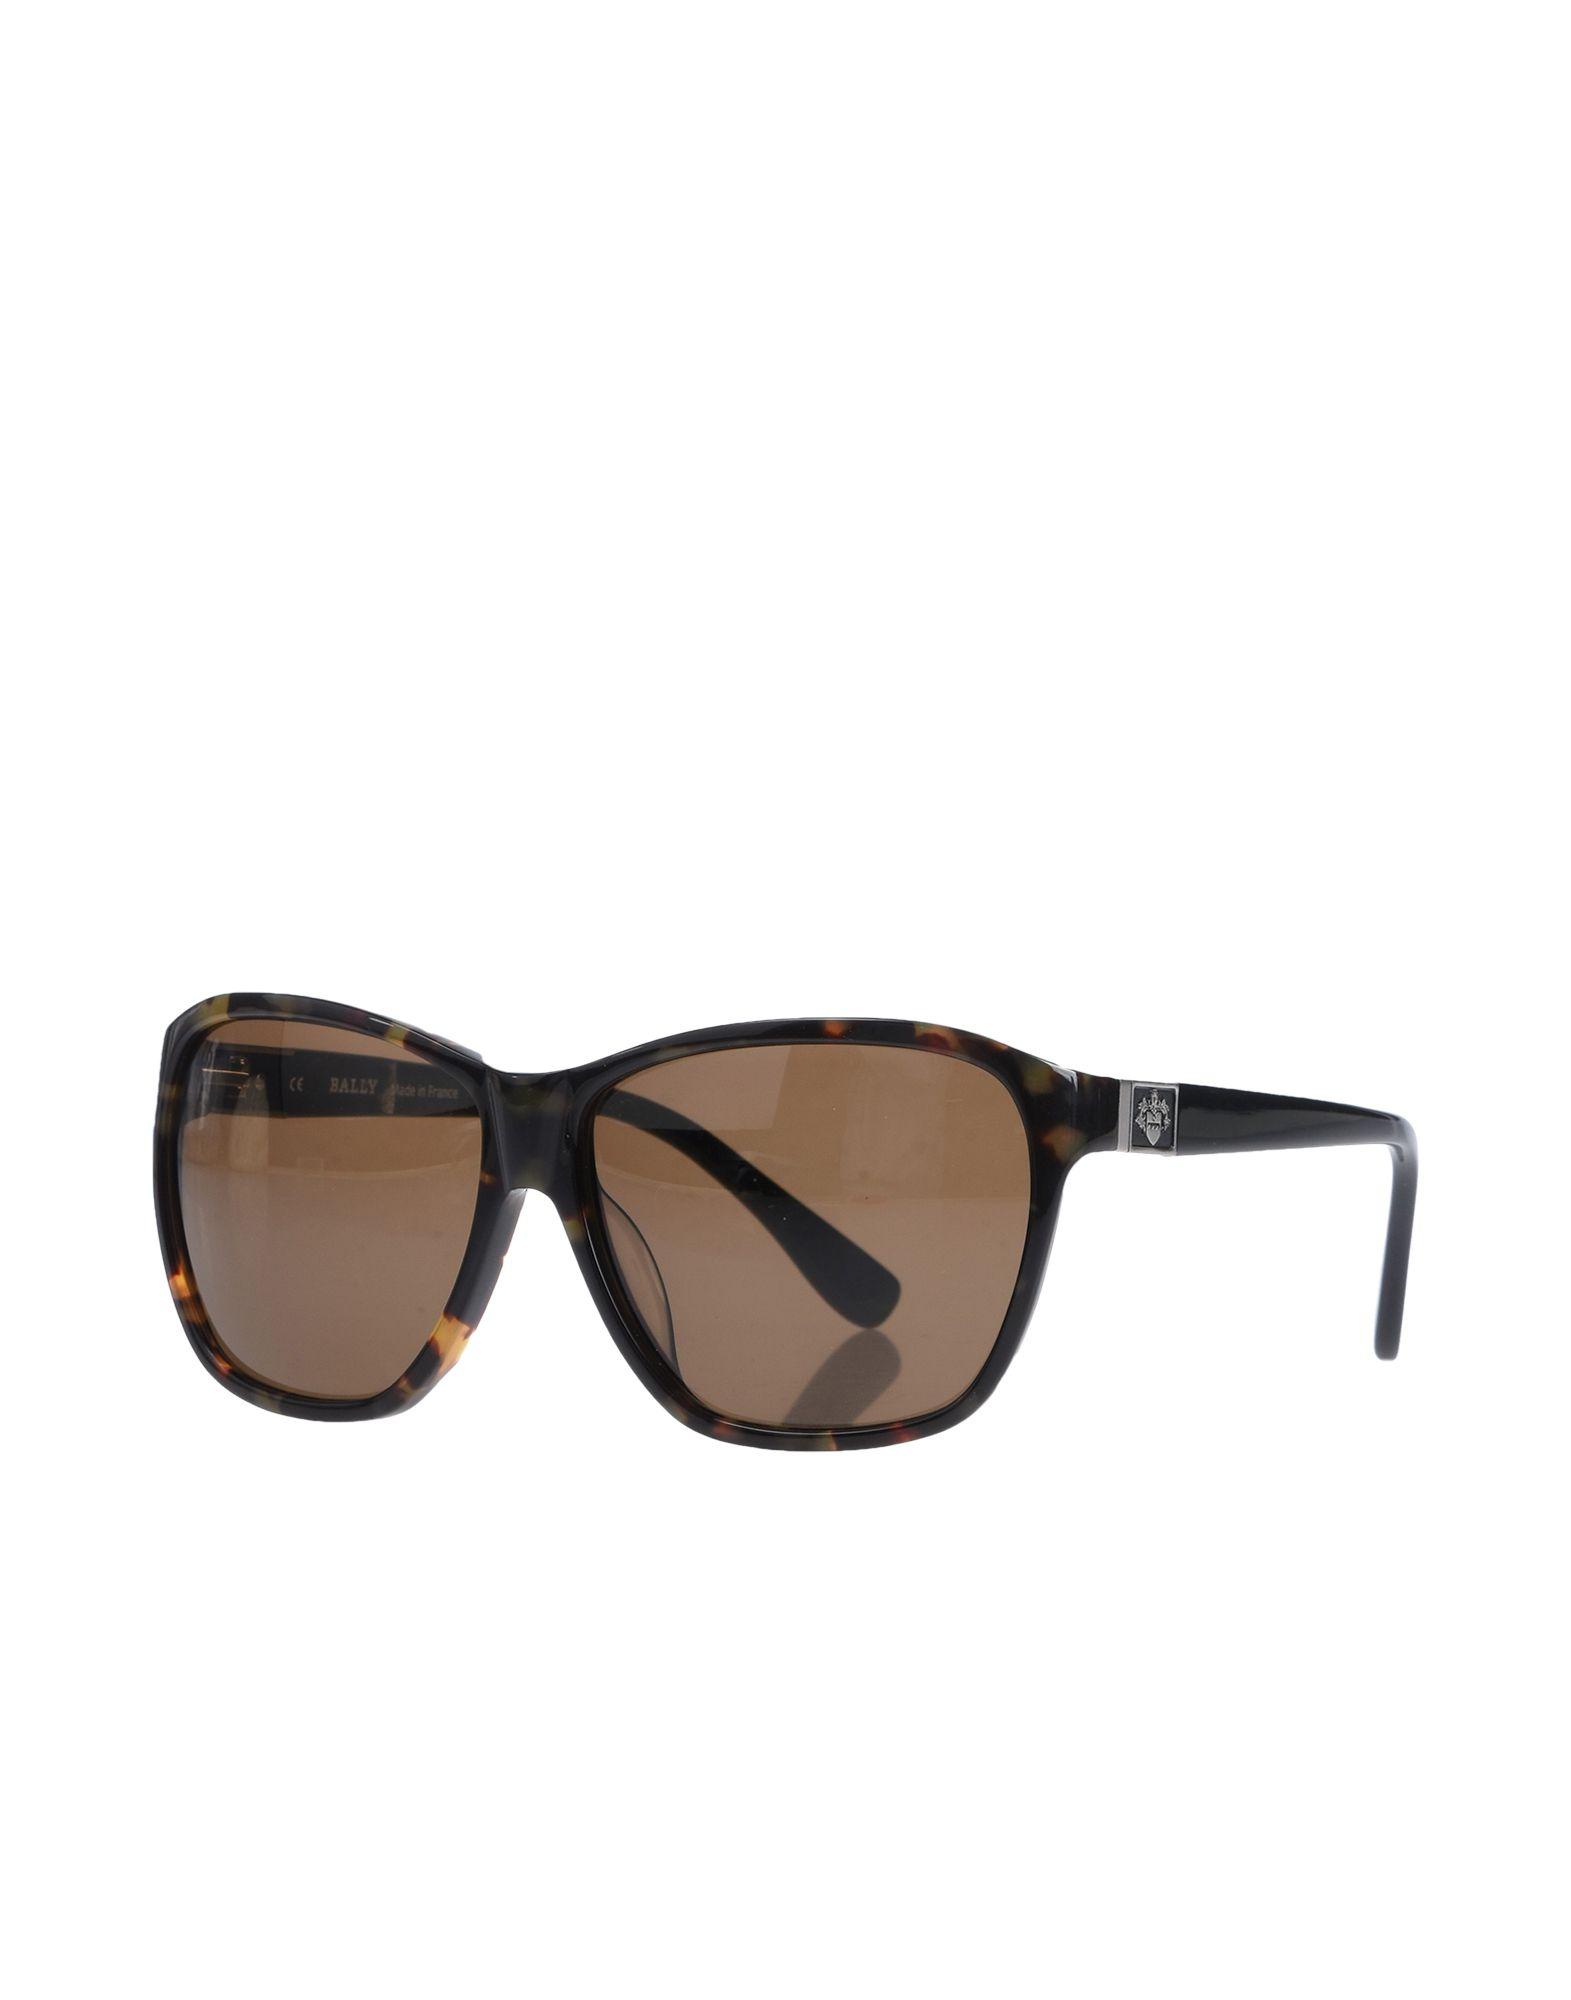 BALLY Солнечные очки интегральная микросхема st 1826 4353 1826 6579 page 5